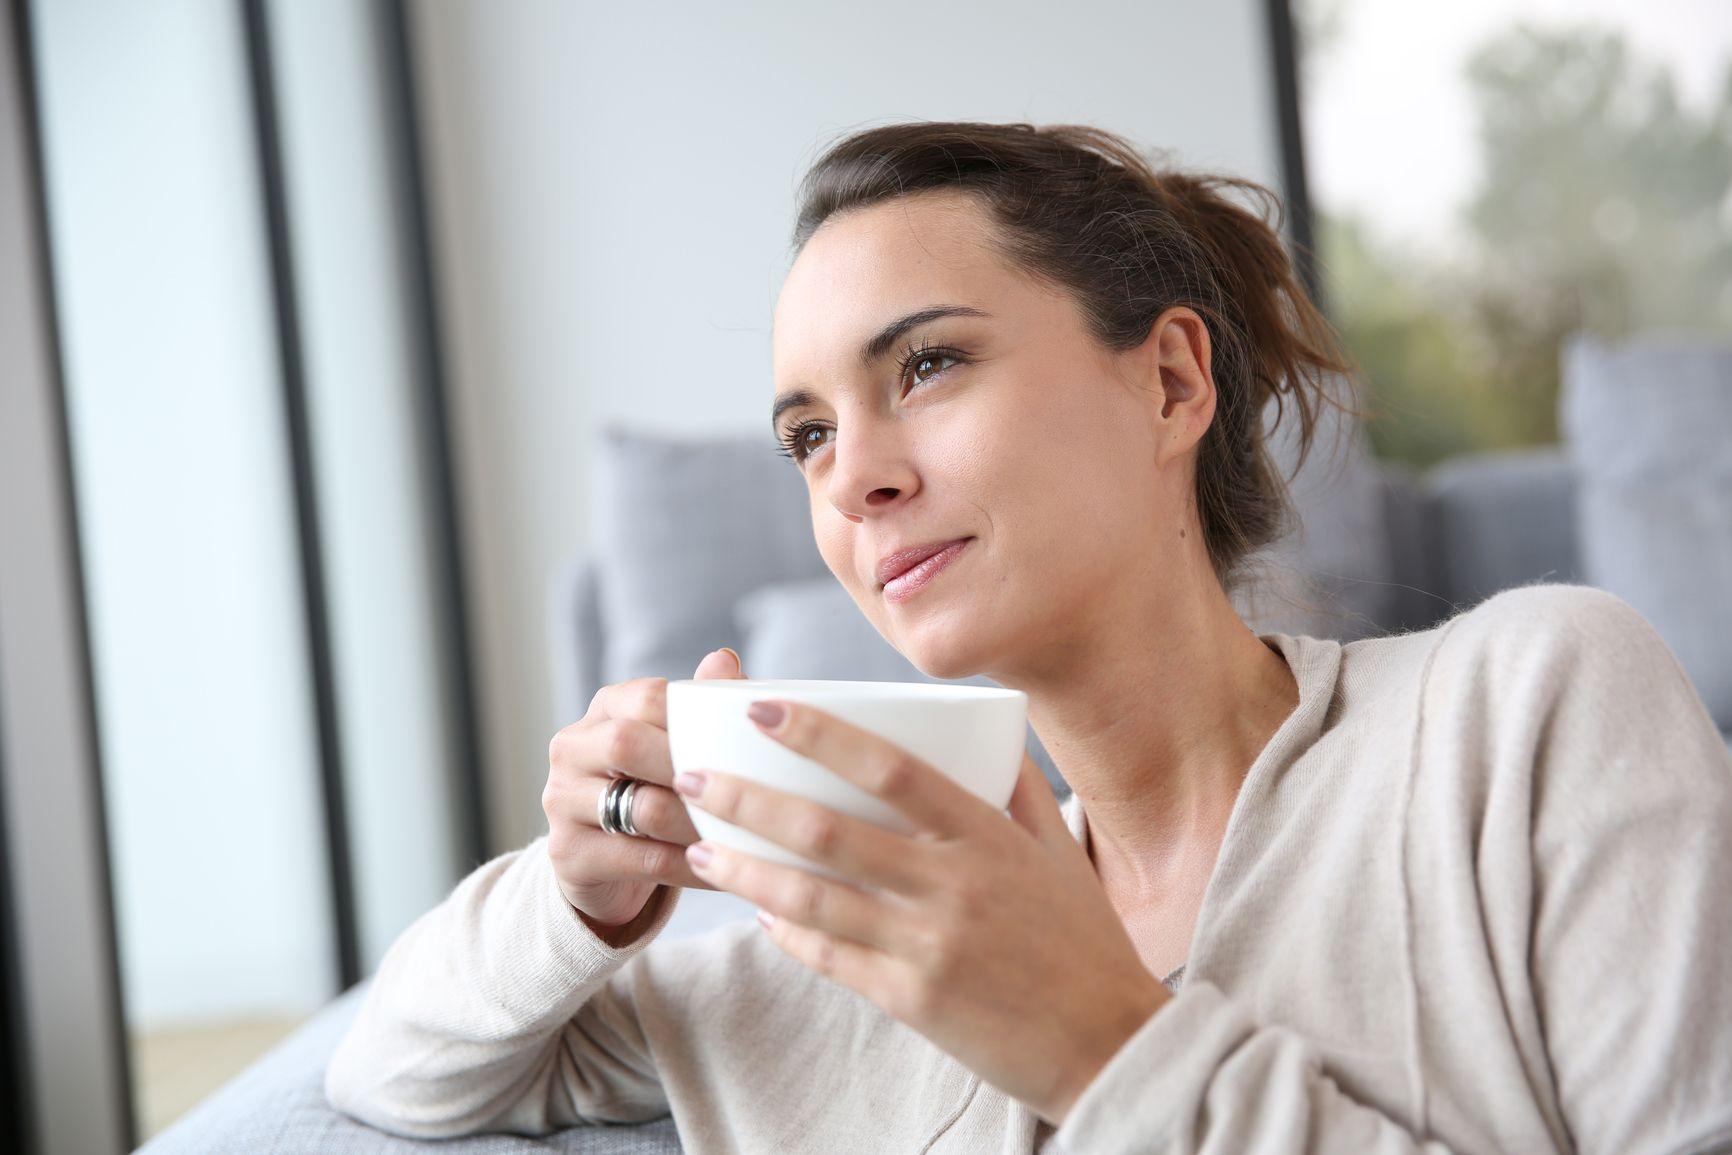 чай из пустырника против кисты молочной железы